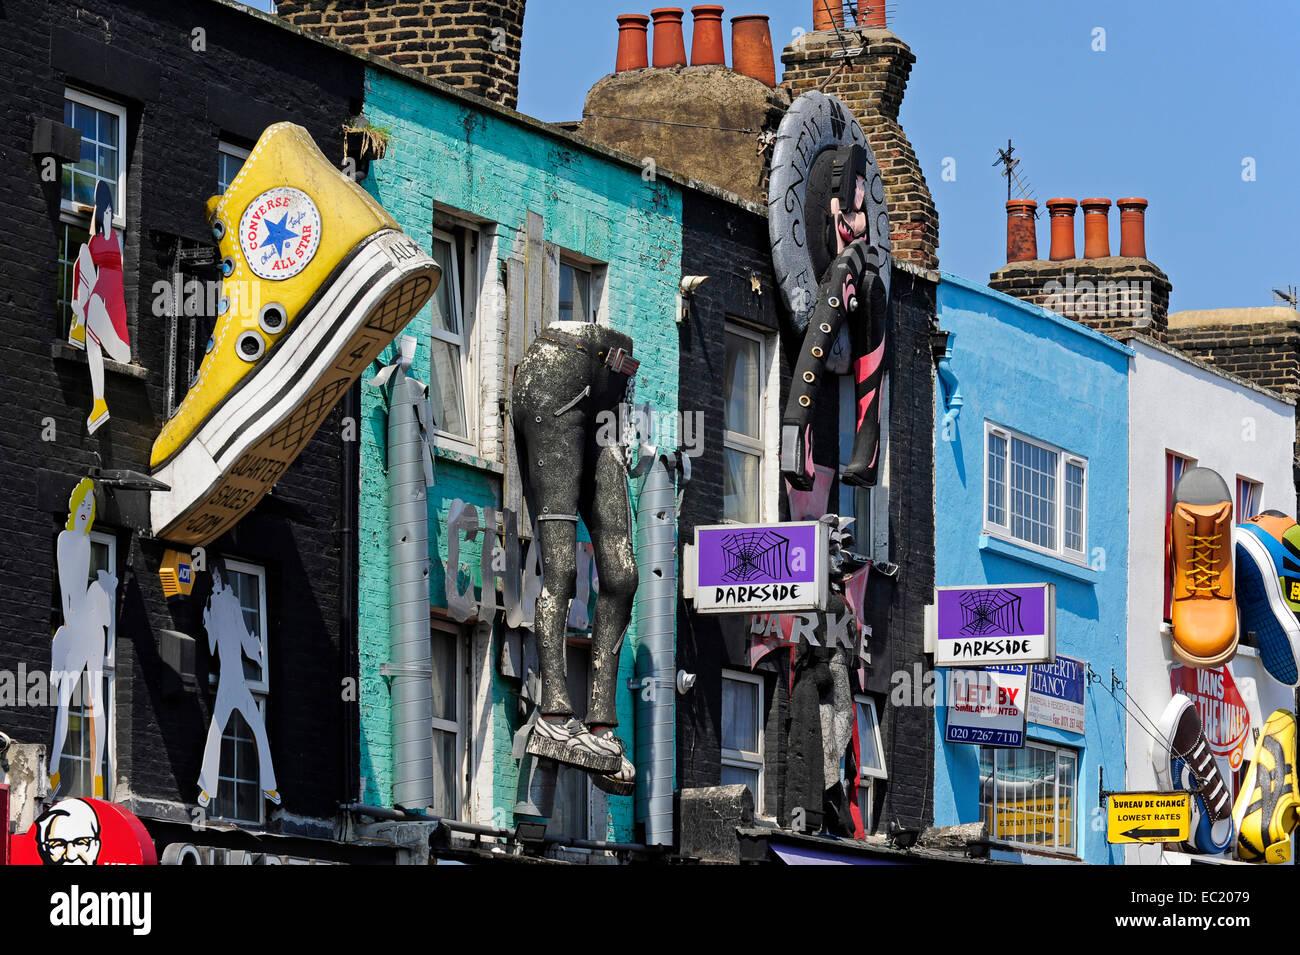 078a370f35 Shop In Camden Town Market Stock Photos   Shop In Camden Town Market ...